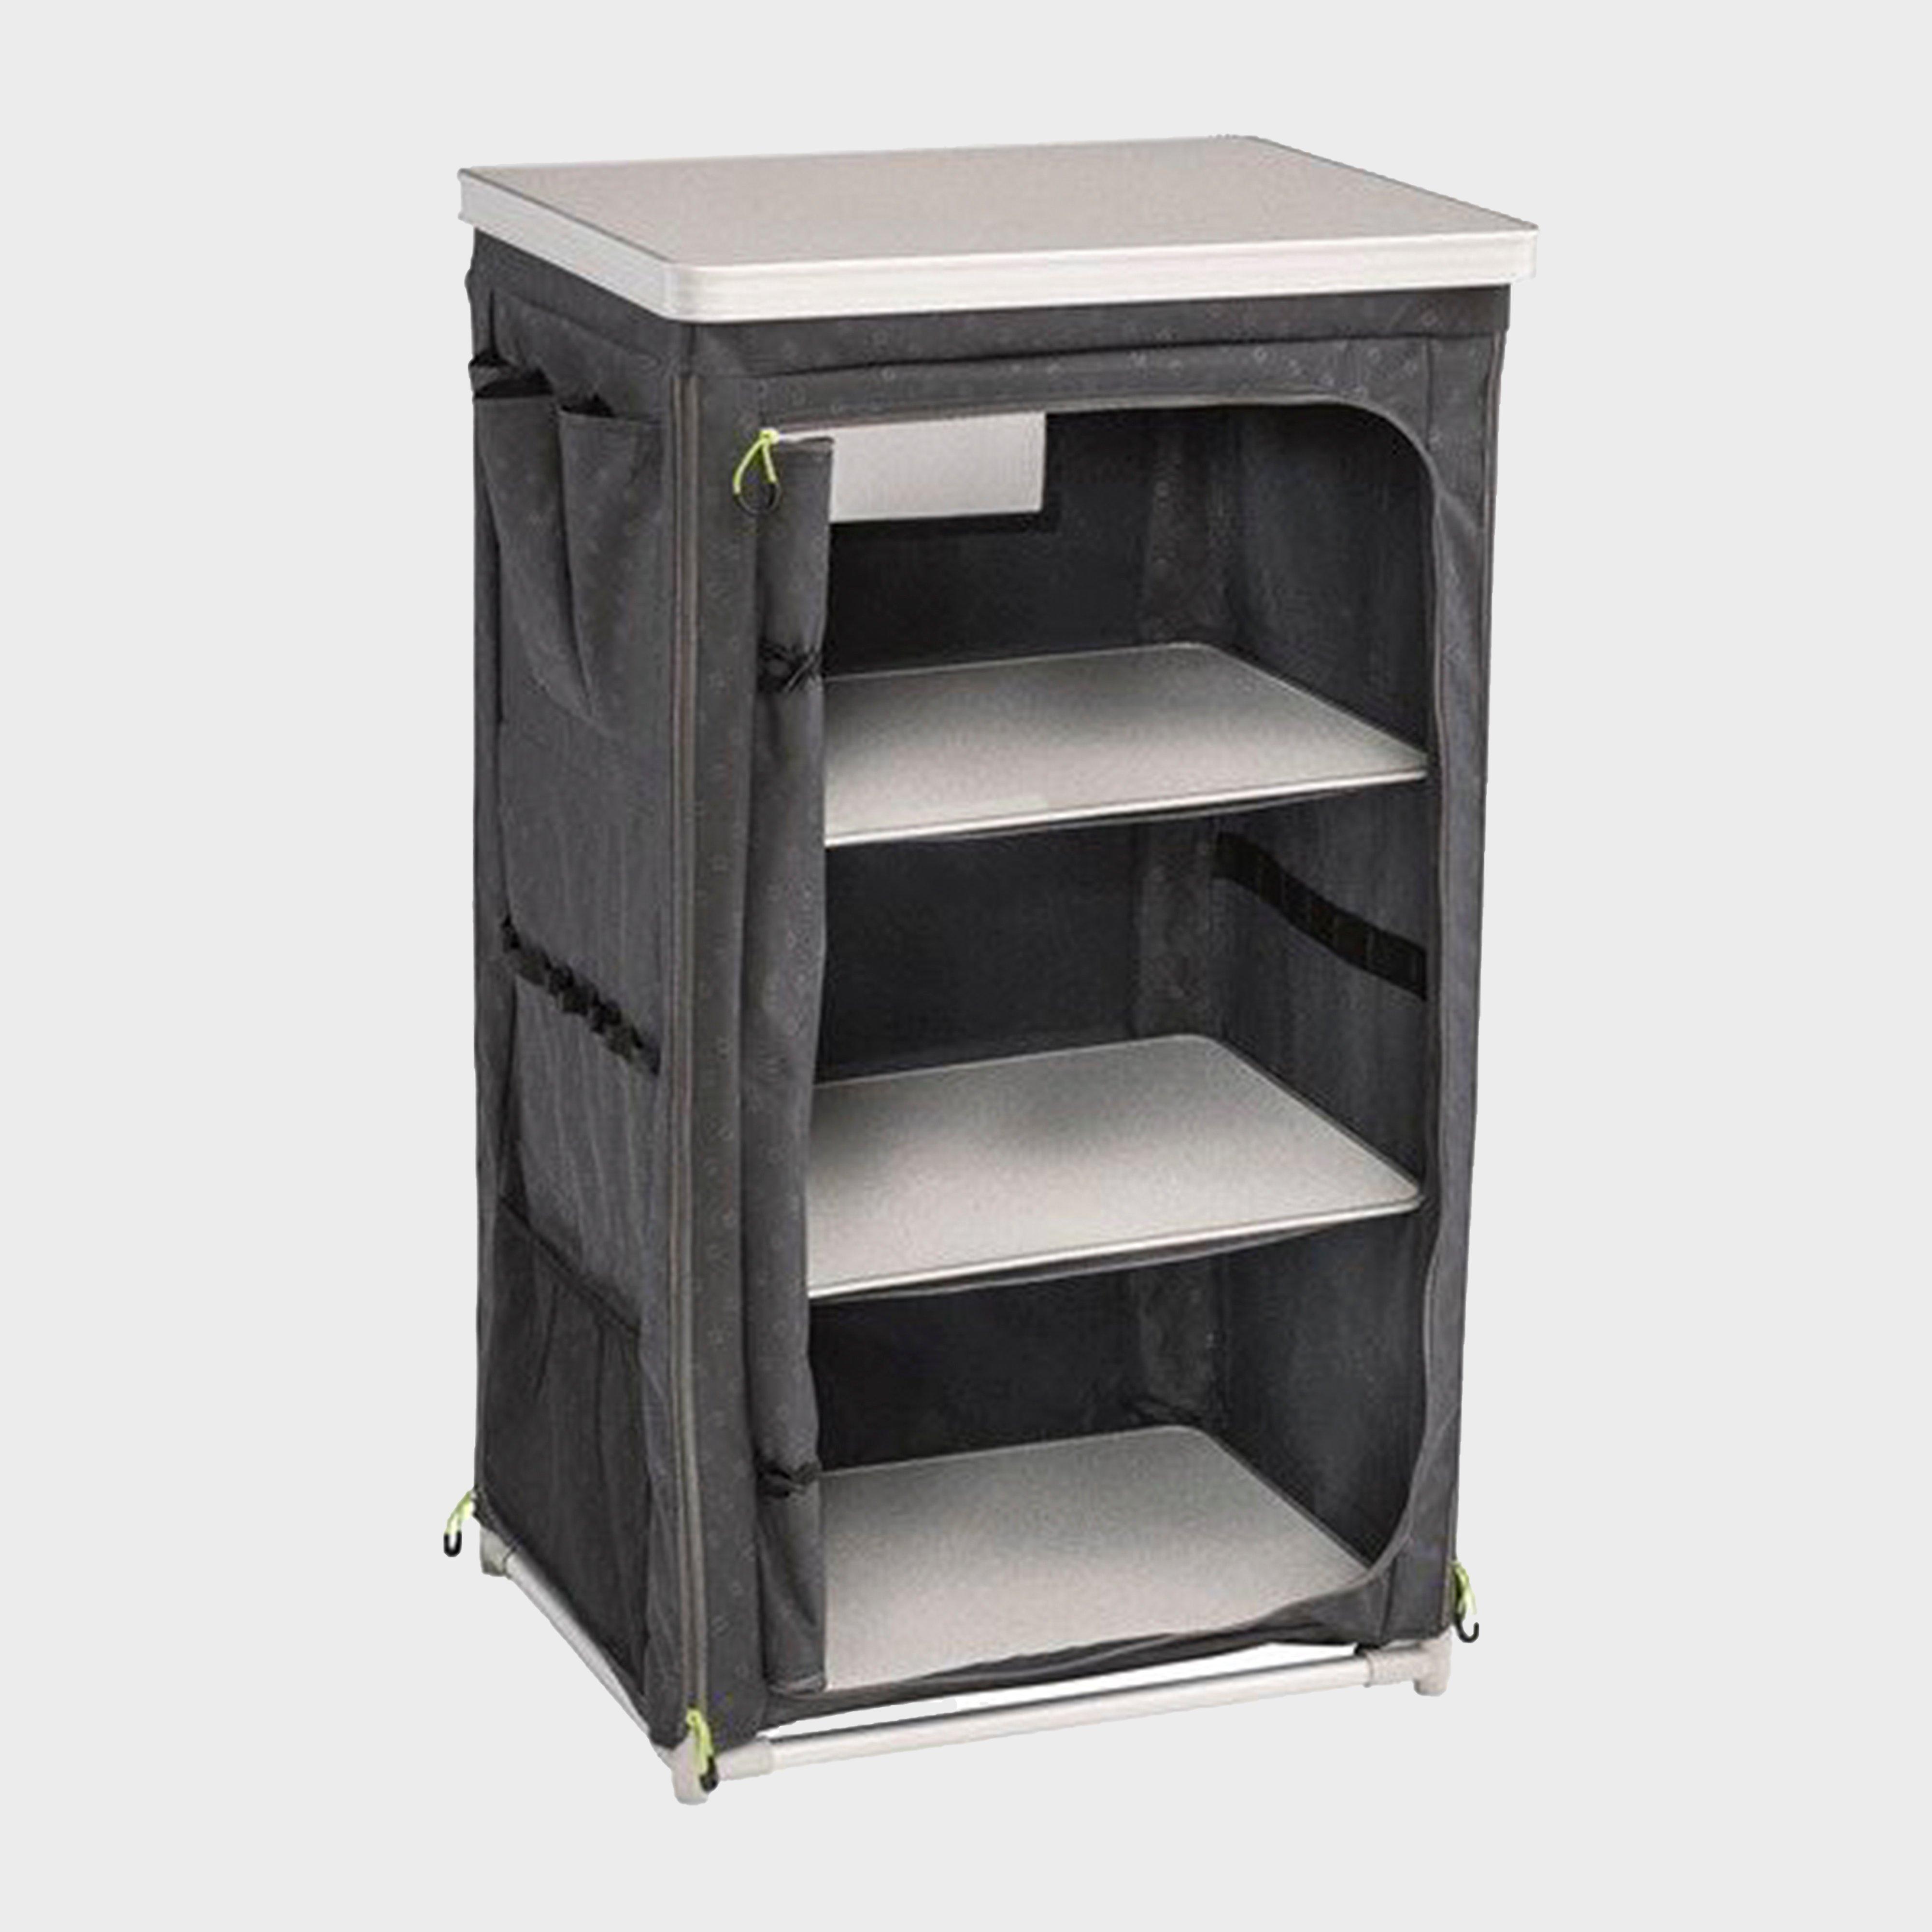 Outwell Milos Storage Cupboard - Grey/Dgry, Grey